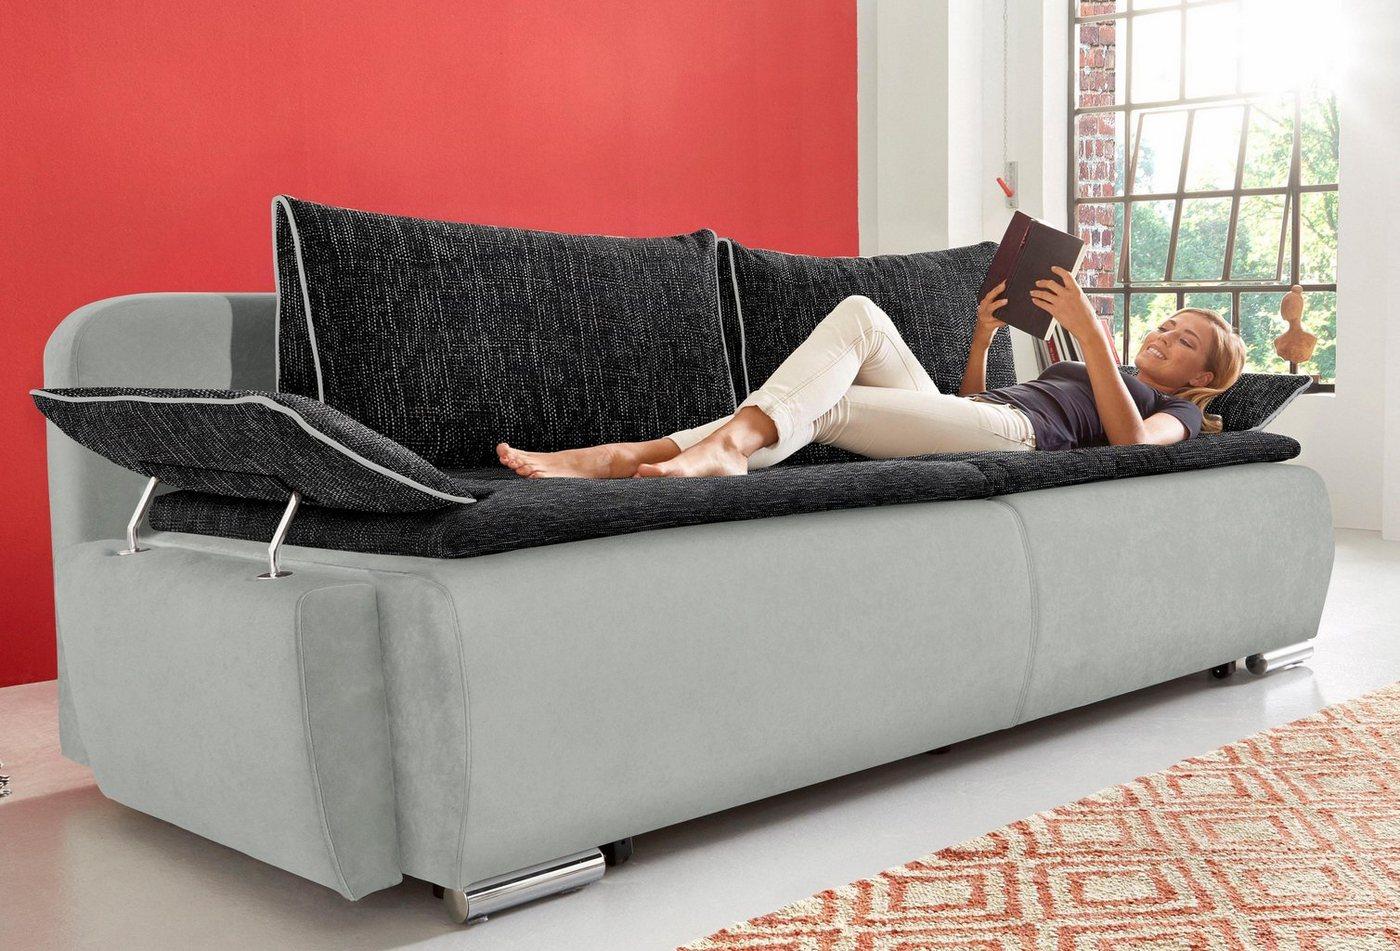 Bedbank in boxspringuitvoering, geschikt als volwaardig bed